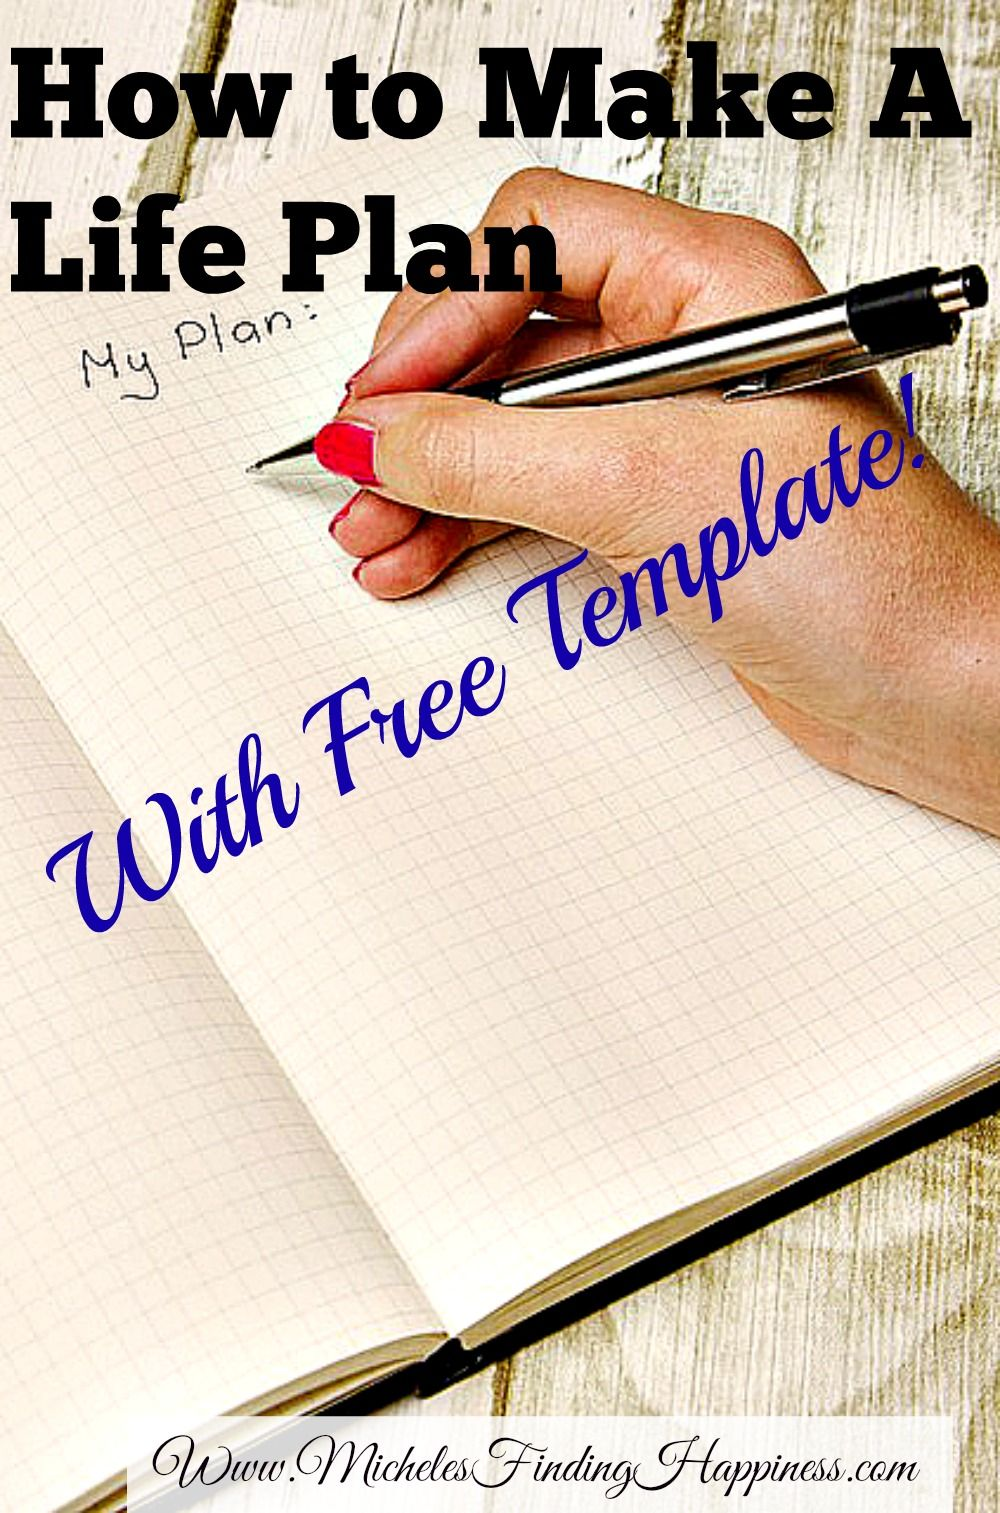 How to Make a Life Plan   Proyecto de vida, Finanzas personales y ...